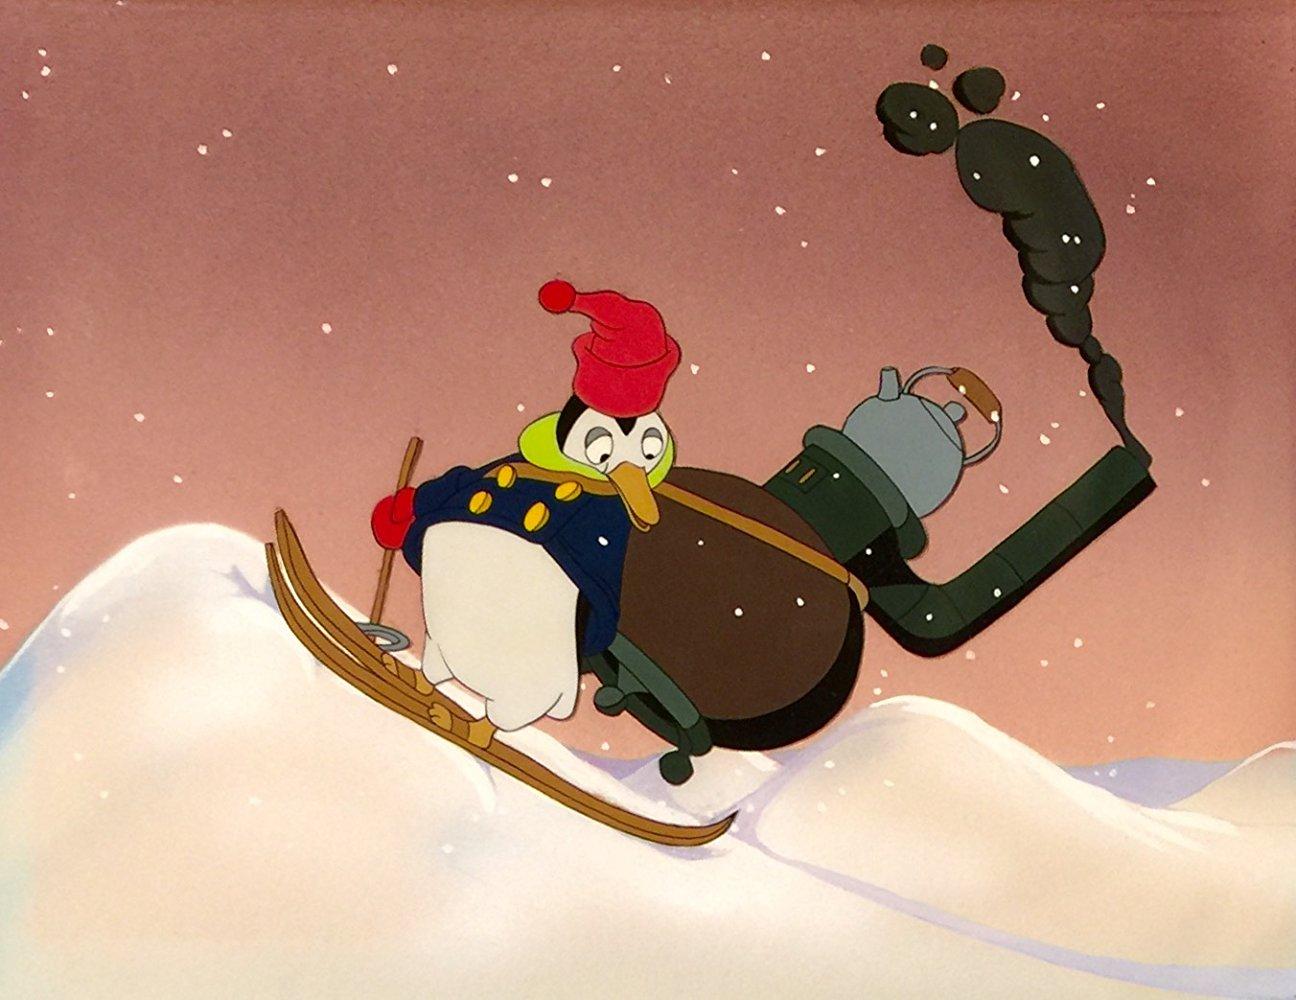 Pablo, il pinguino freddoloso: La storia di un pinguino che amava il caldo